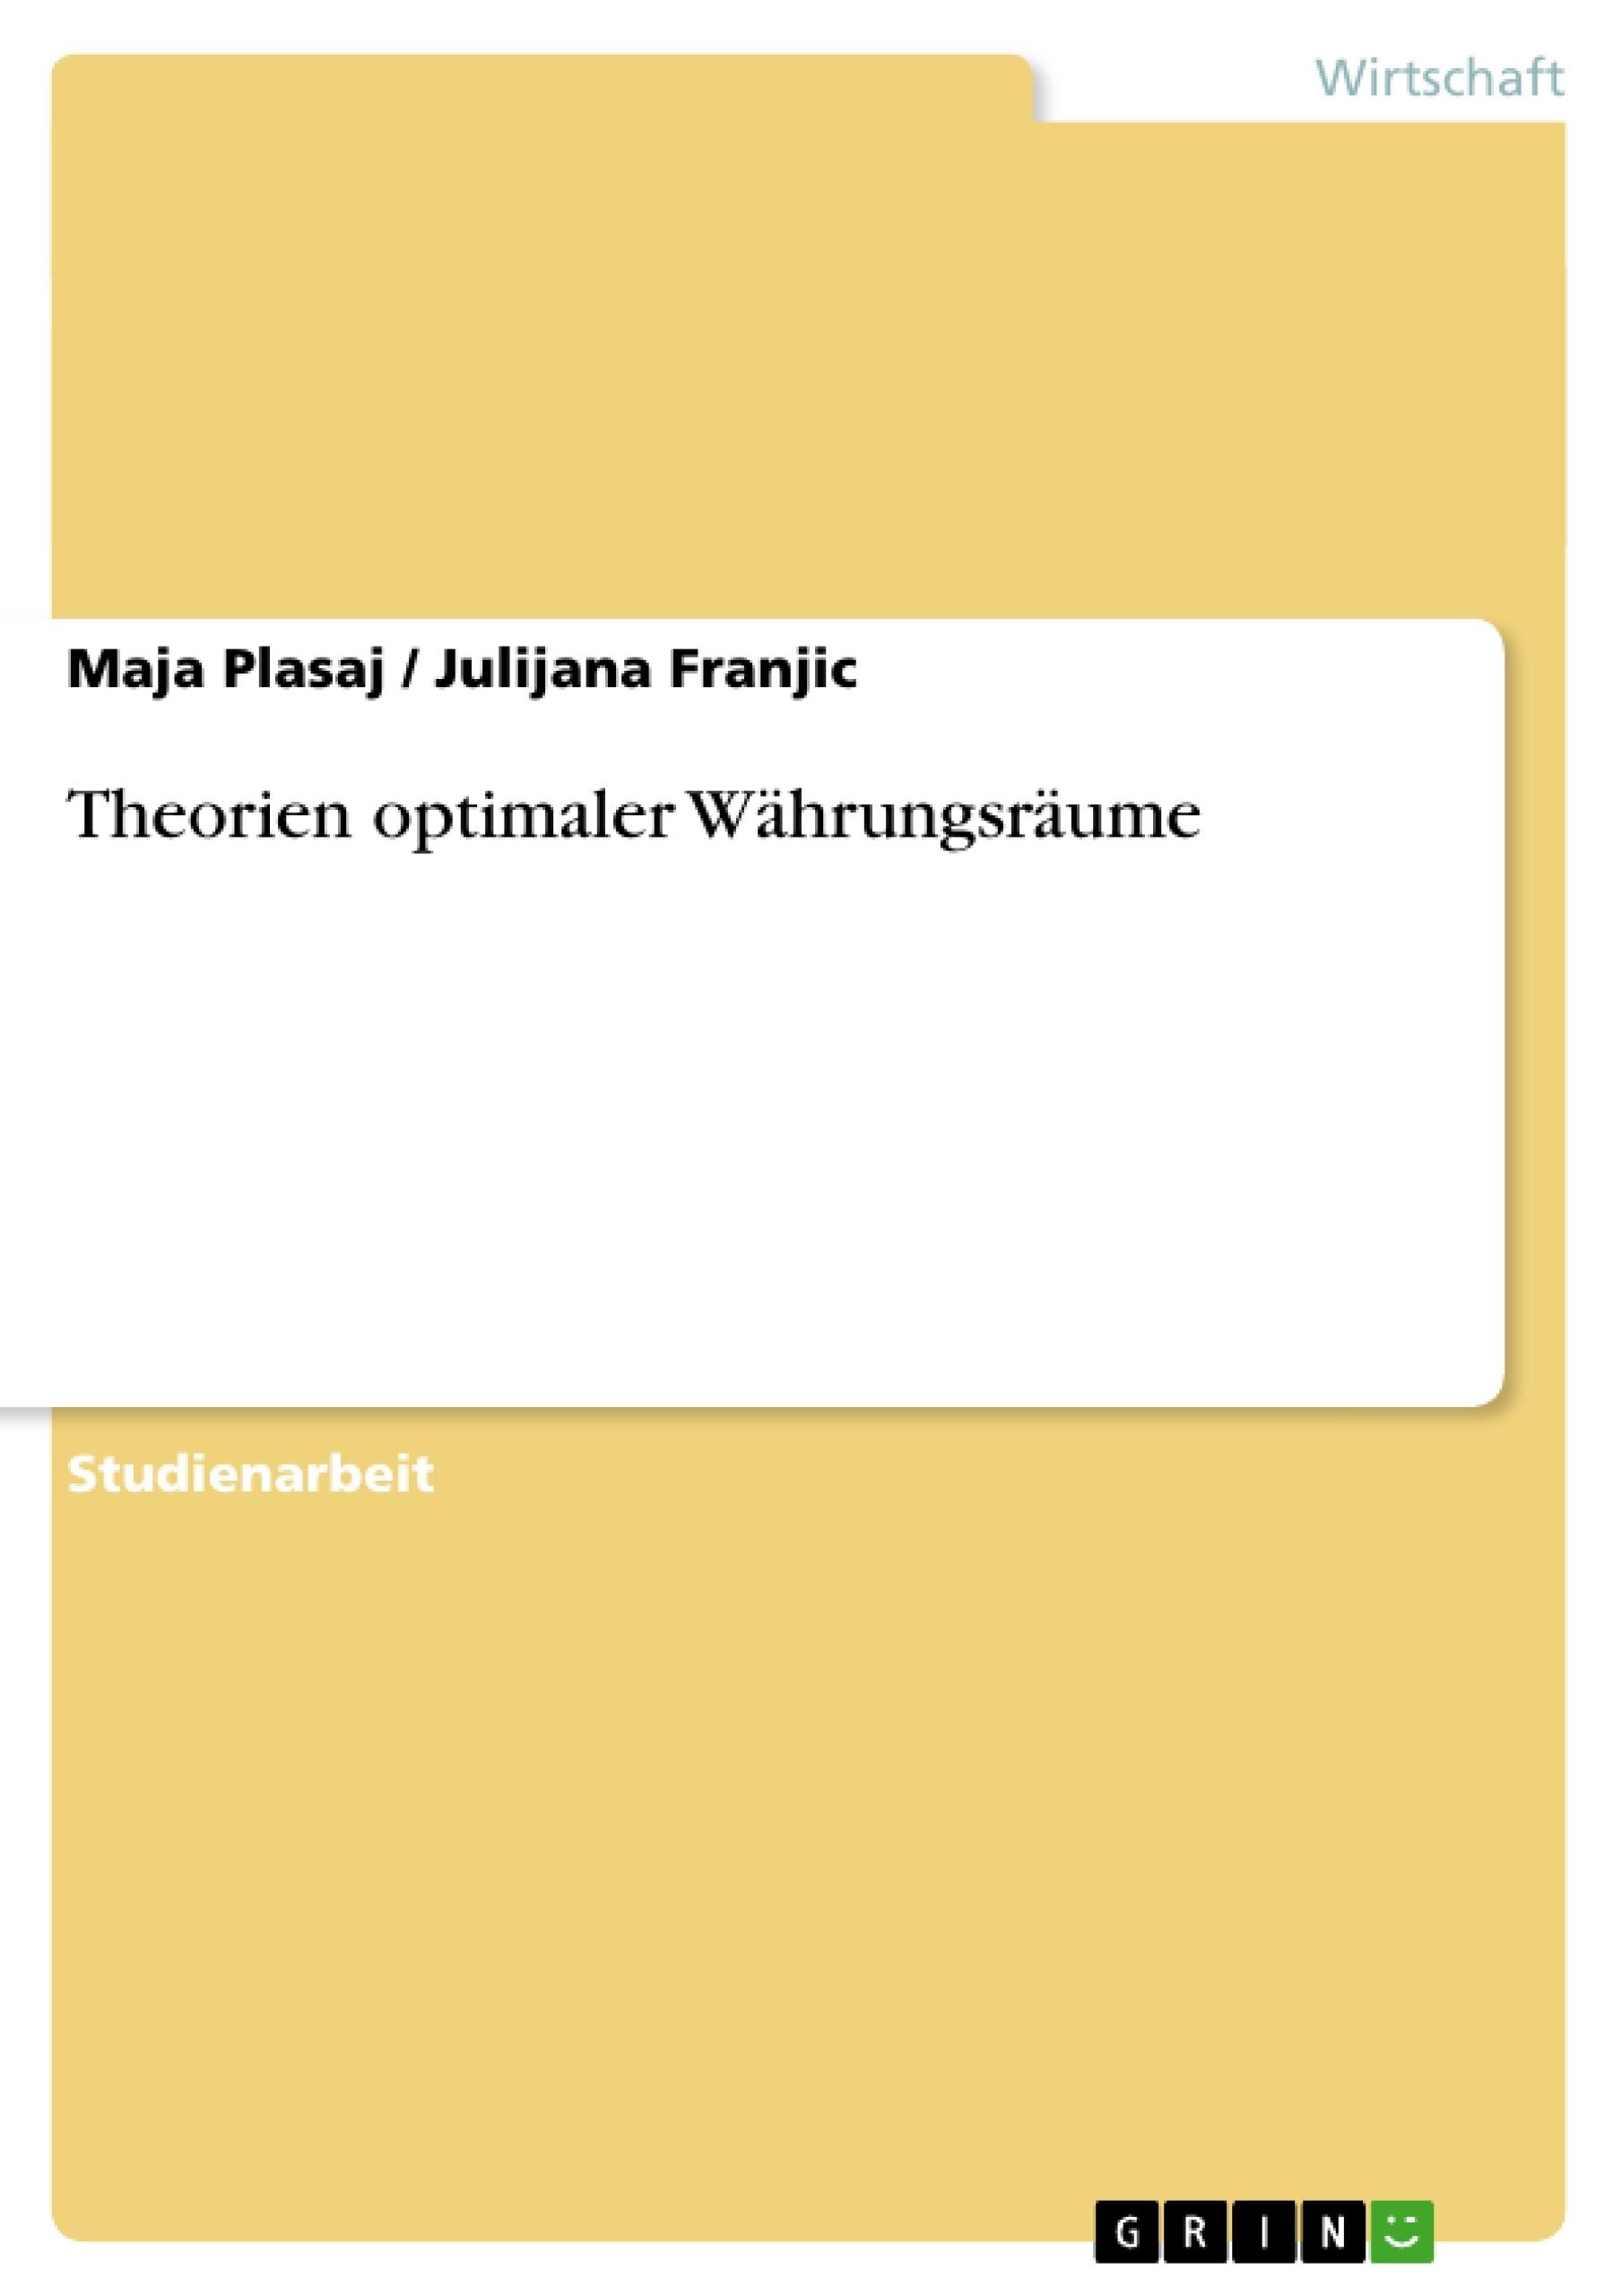 Titel: Theorien optimaler Währungsräume